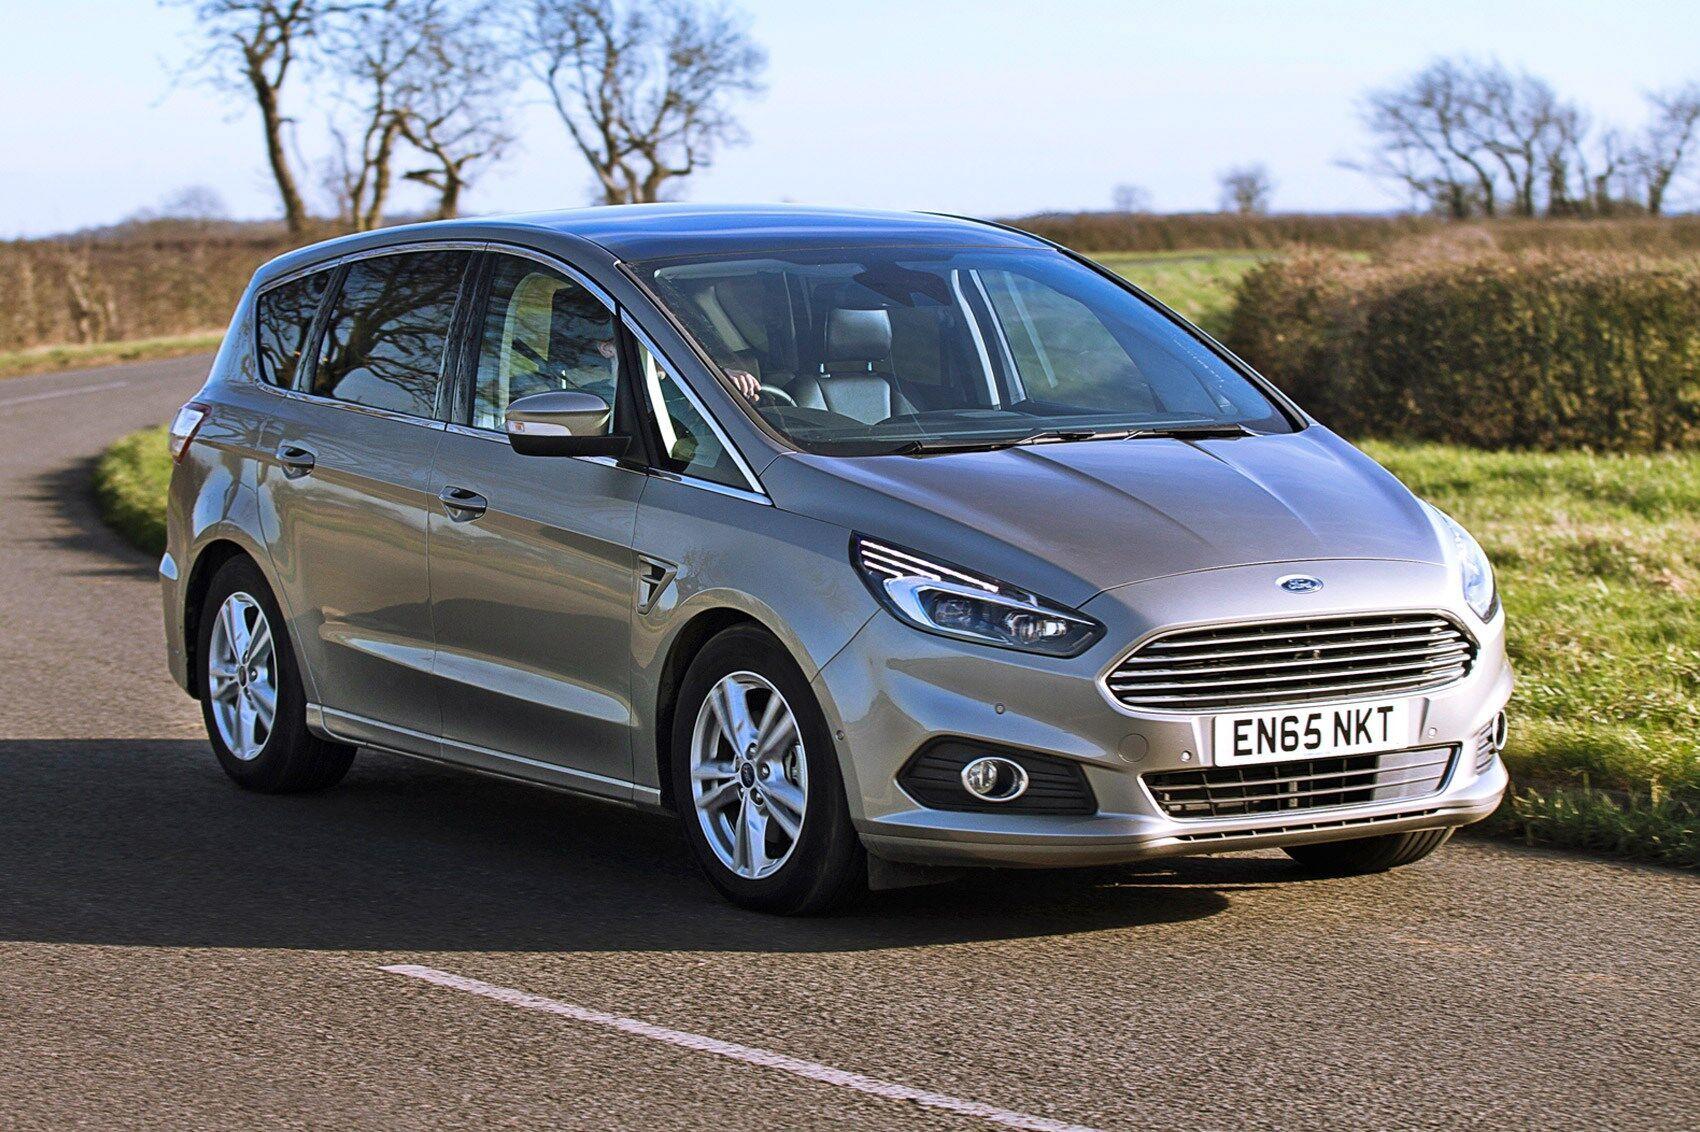 Ford S-Max 2.0 Ecoboost розганяється до 96 км/год за 7,1 секунди